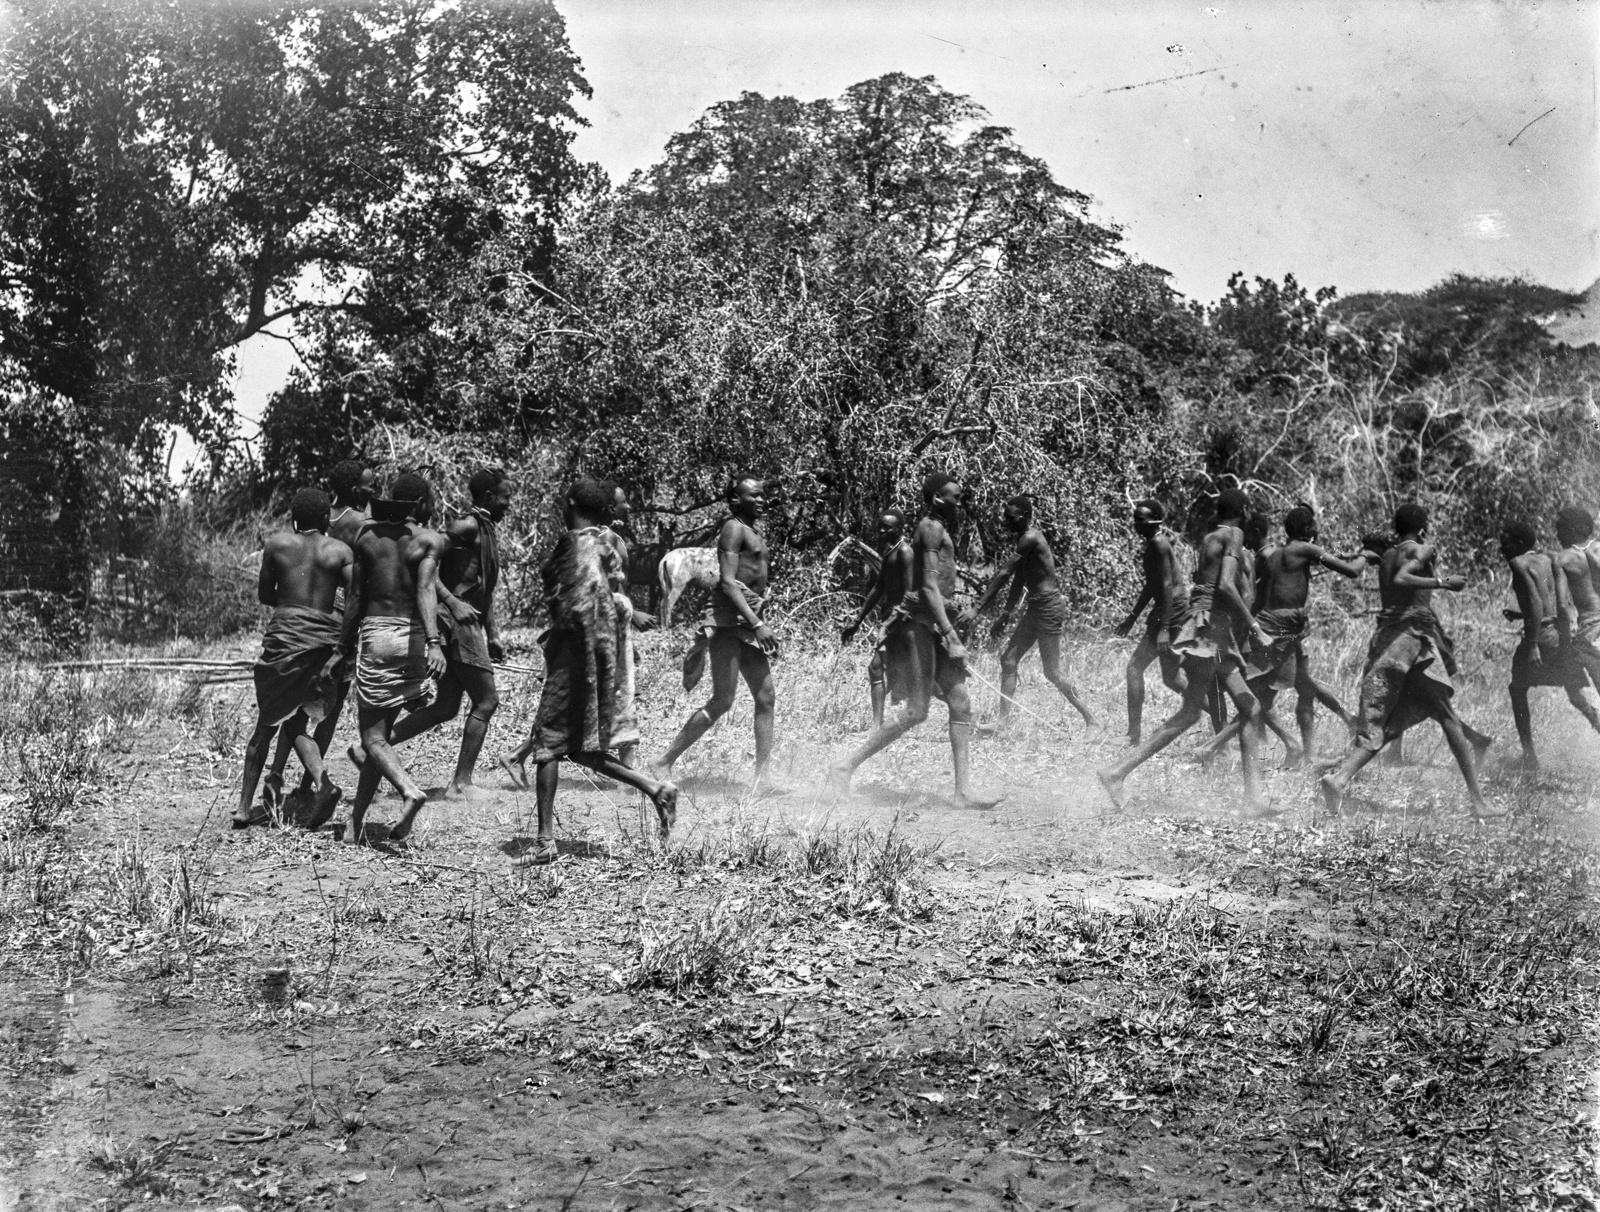 09. Группа людей басонжо во время танца у лагеря Ндалалани. Танцоры прыгают на два фута высотой, вытянув тела